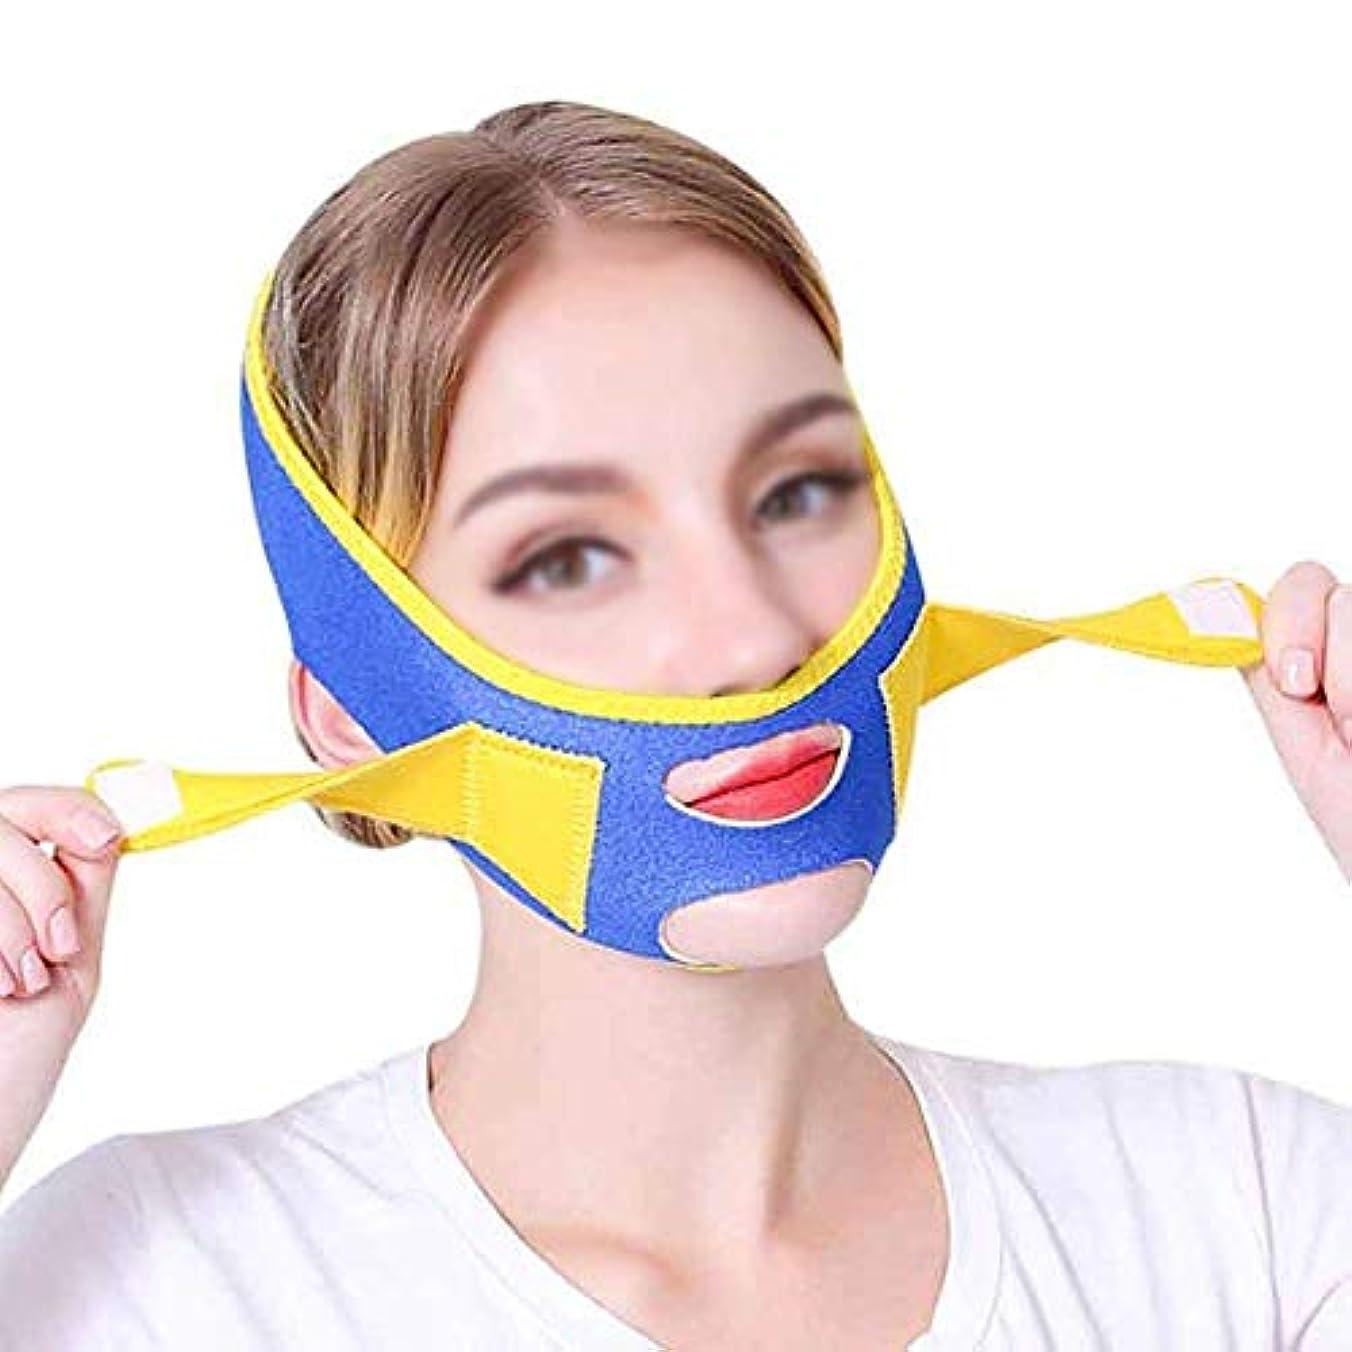 カウント対立マイクロプロセッサフェイスリフトマスク、あごひも回復包帯薄いフェイスマスクVフェイスステッカーフェイスリフトステッカー韓国本物のリフティング引き締め引き締め成形薄いダブルチンフェイスリフト睡眠包帯アーティファクト